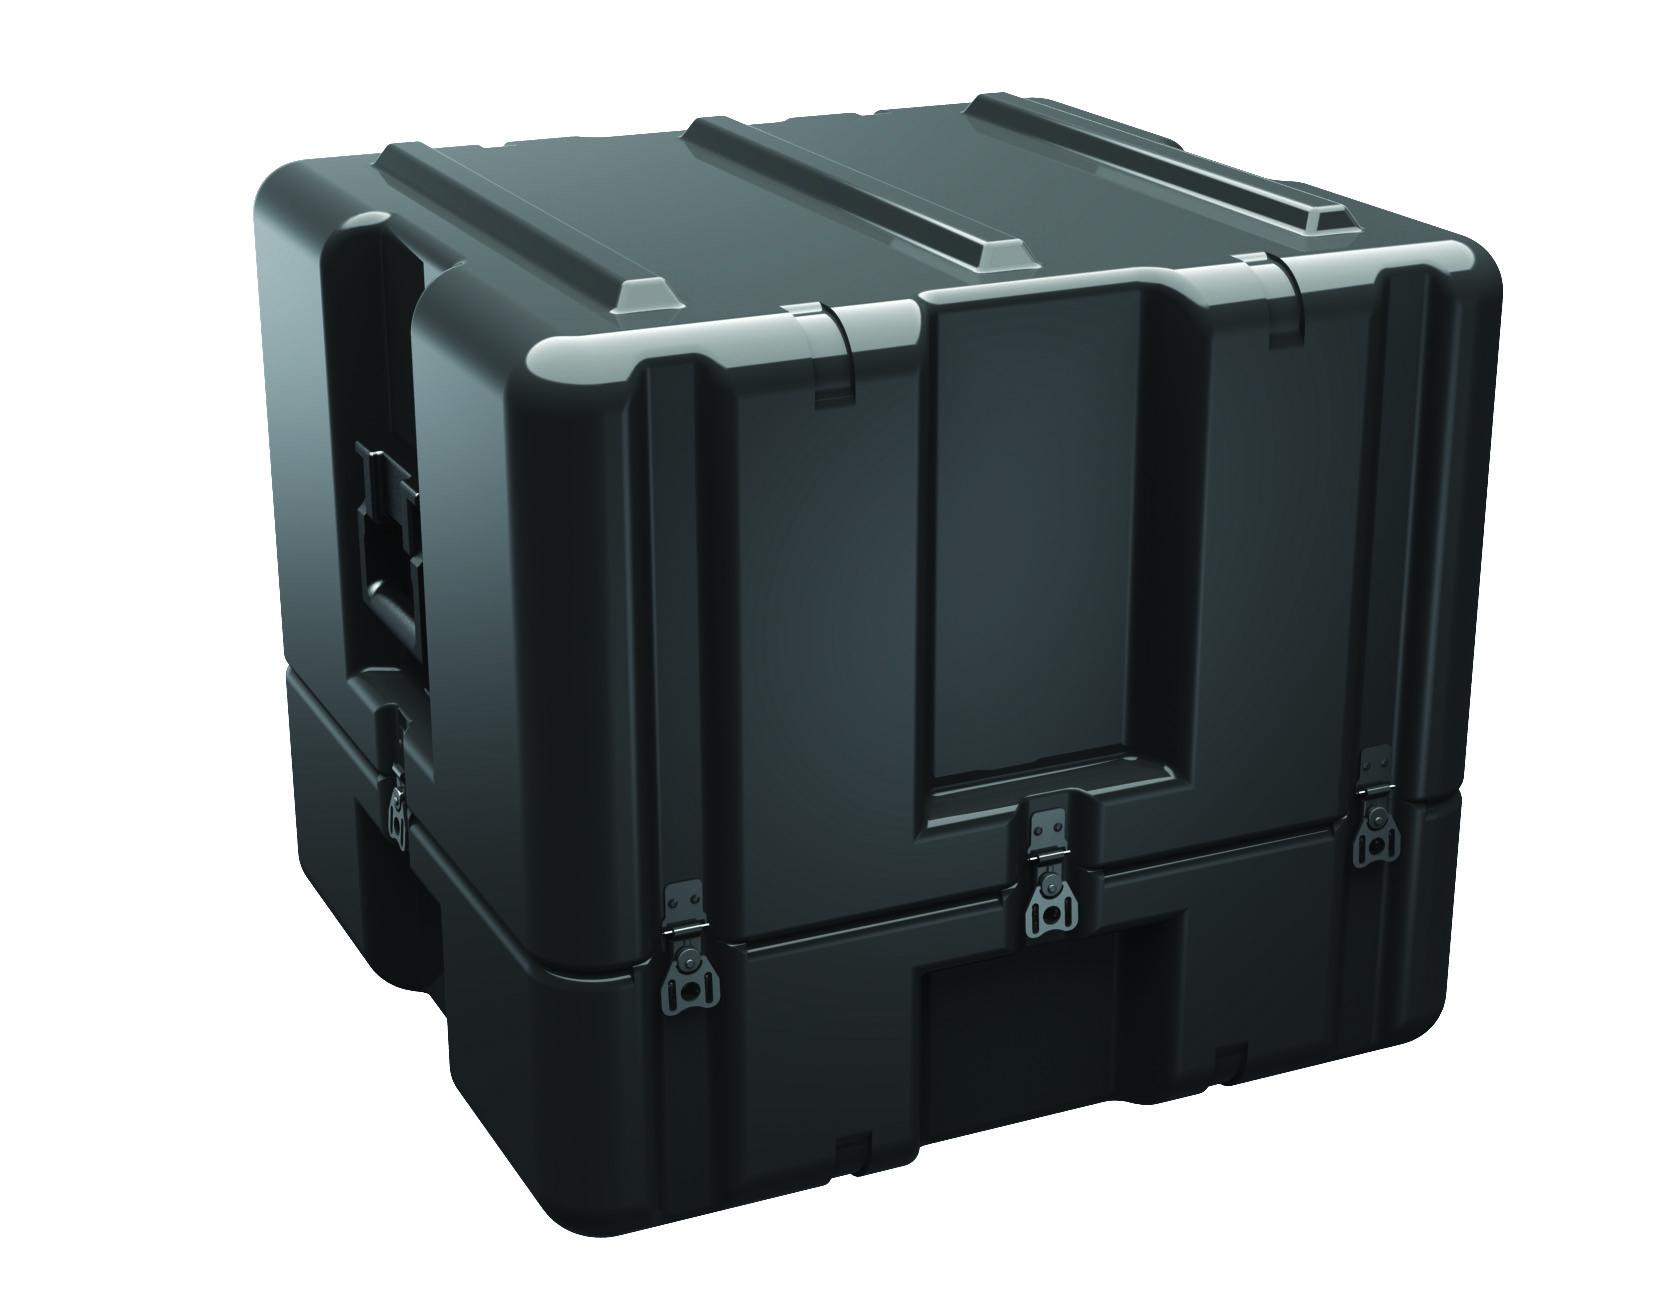 AL2221-0614 - AL2221-0614 Pelican Single Lid Transport Cases